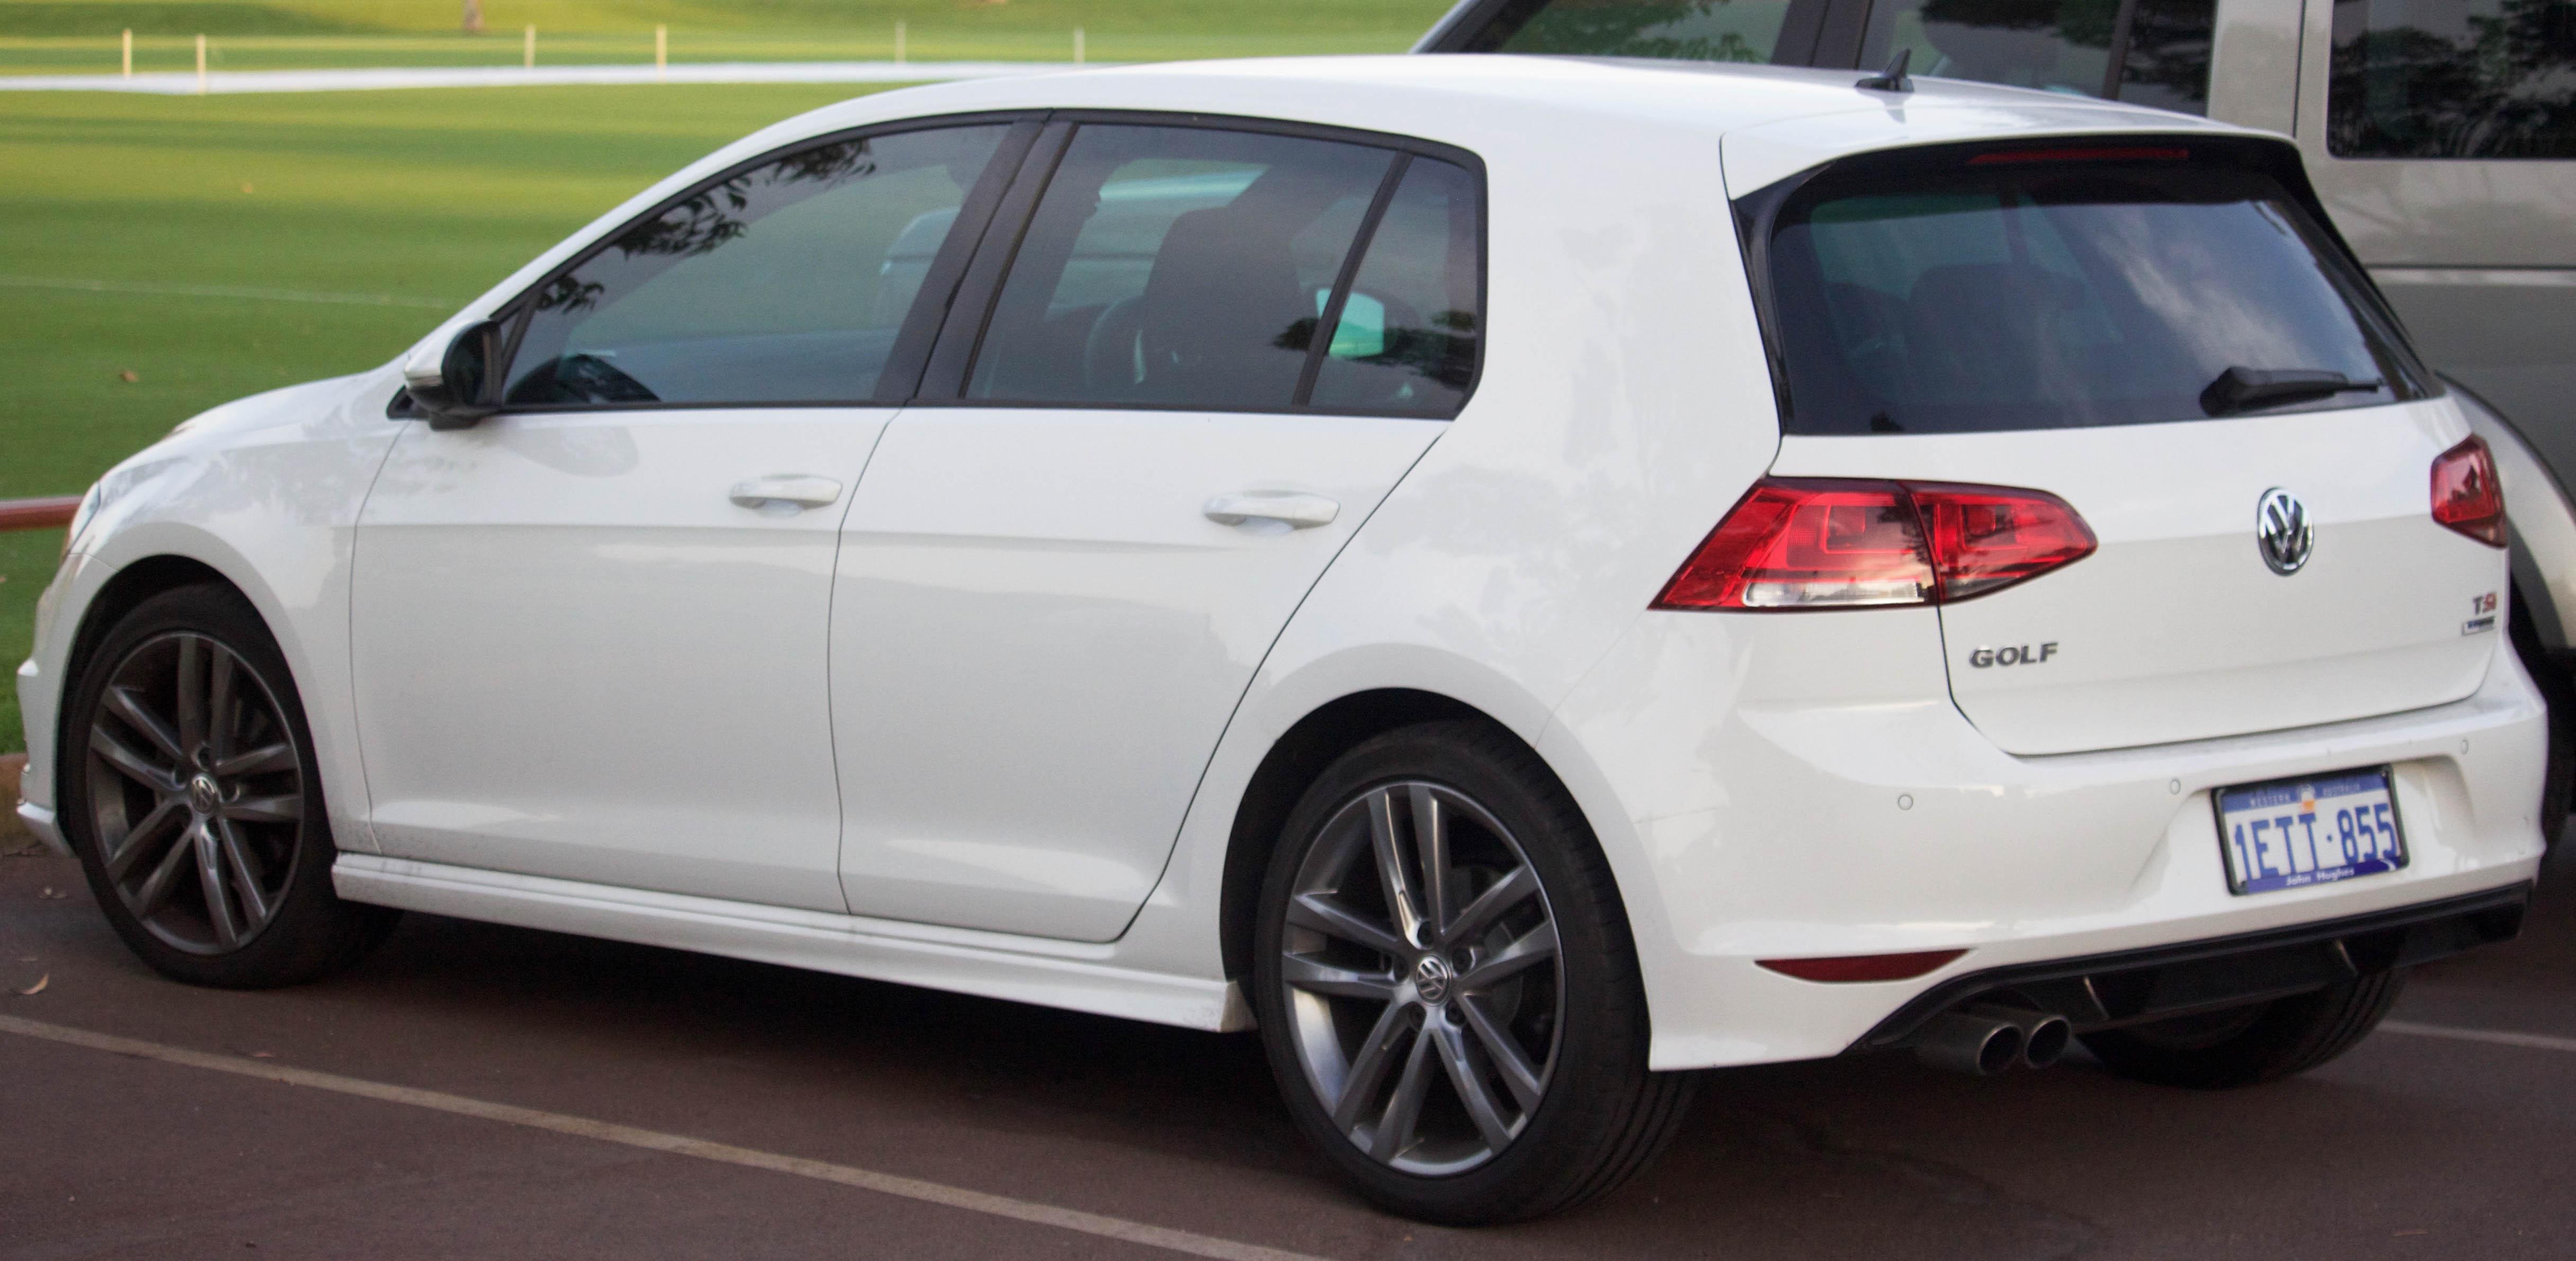 File:2015 Volkswagen Golf (5G) 103TSI R-Line 5-door hatchback (2016